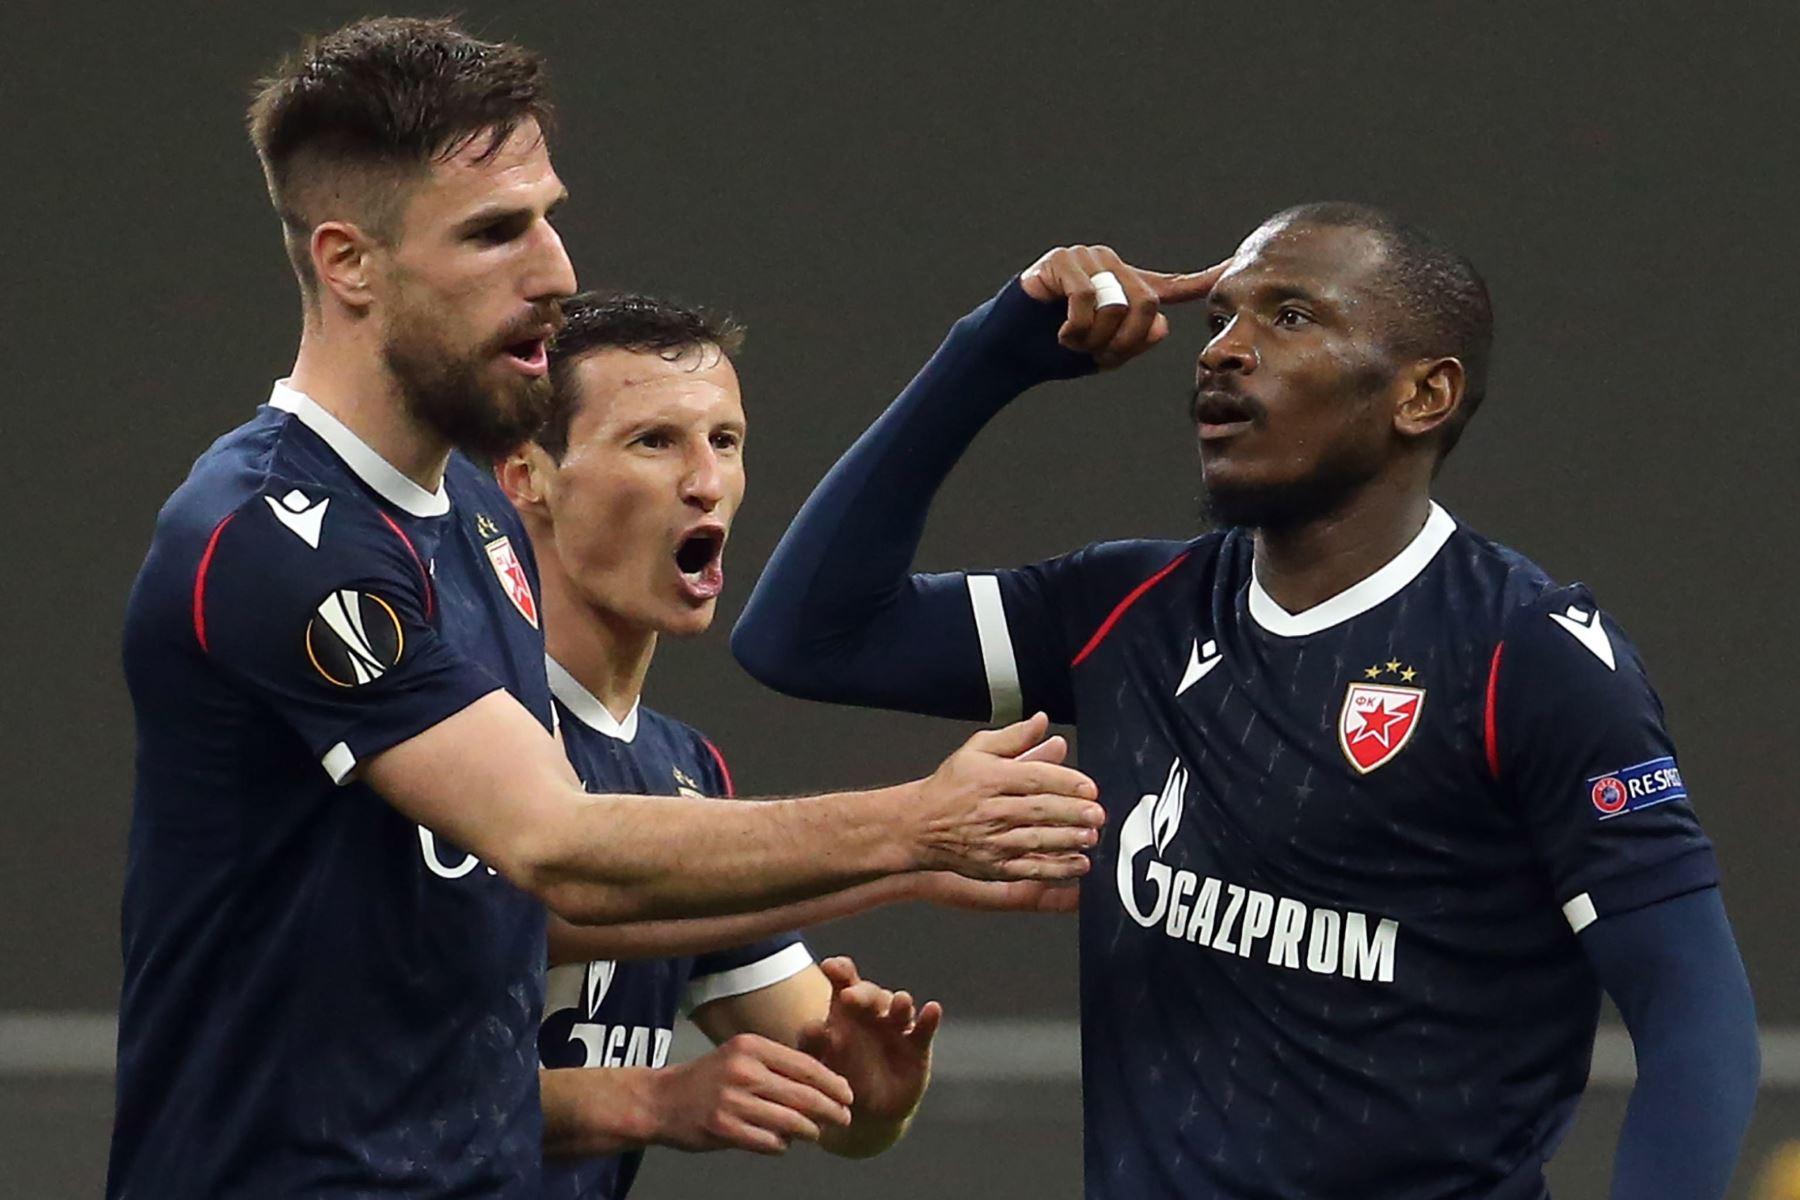 El Fardou Ben Nabouhane del Estrella Roja de Belgrado se regocija con sus compañeros tras marcar el 1-1 en los dieciseisavos de final de la UEFA Europa League. Foto: EFE